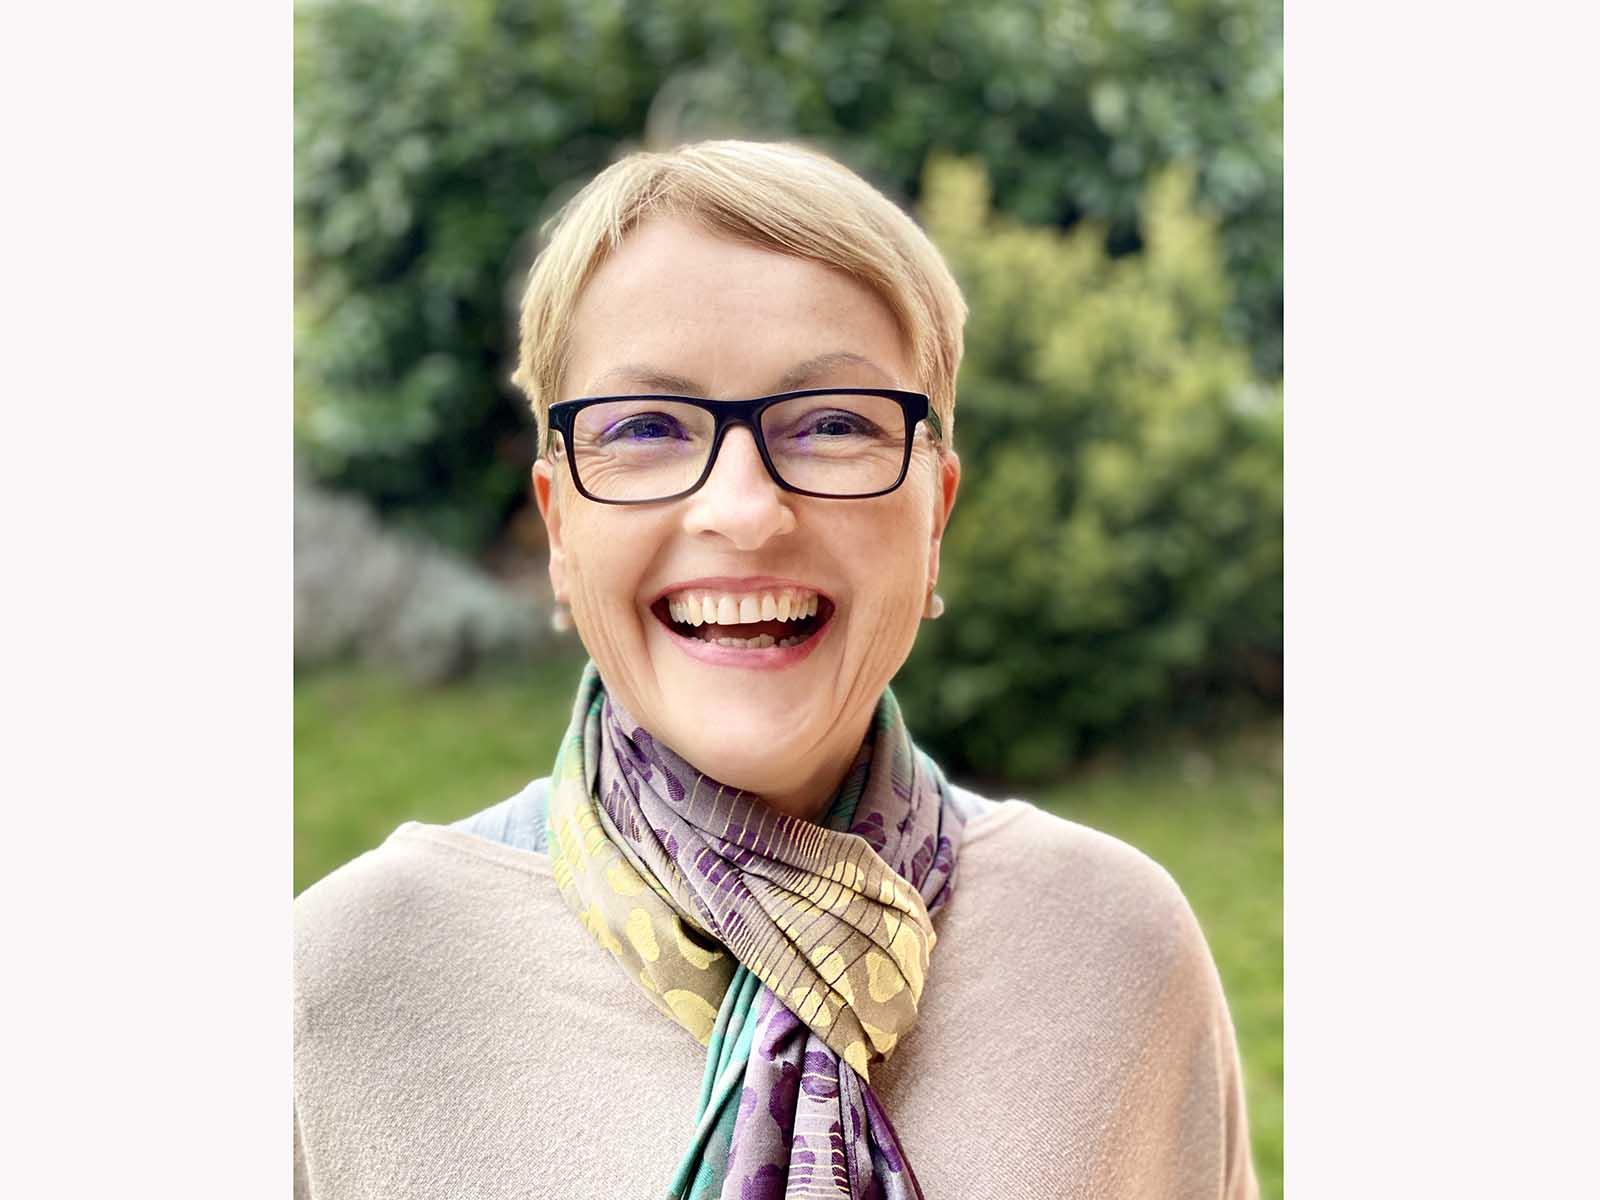 Petra Englands Markenzeichen: Ihr herzliches Lachen.